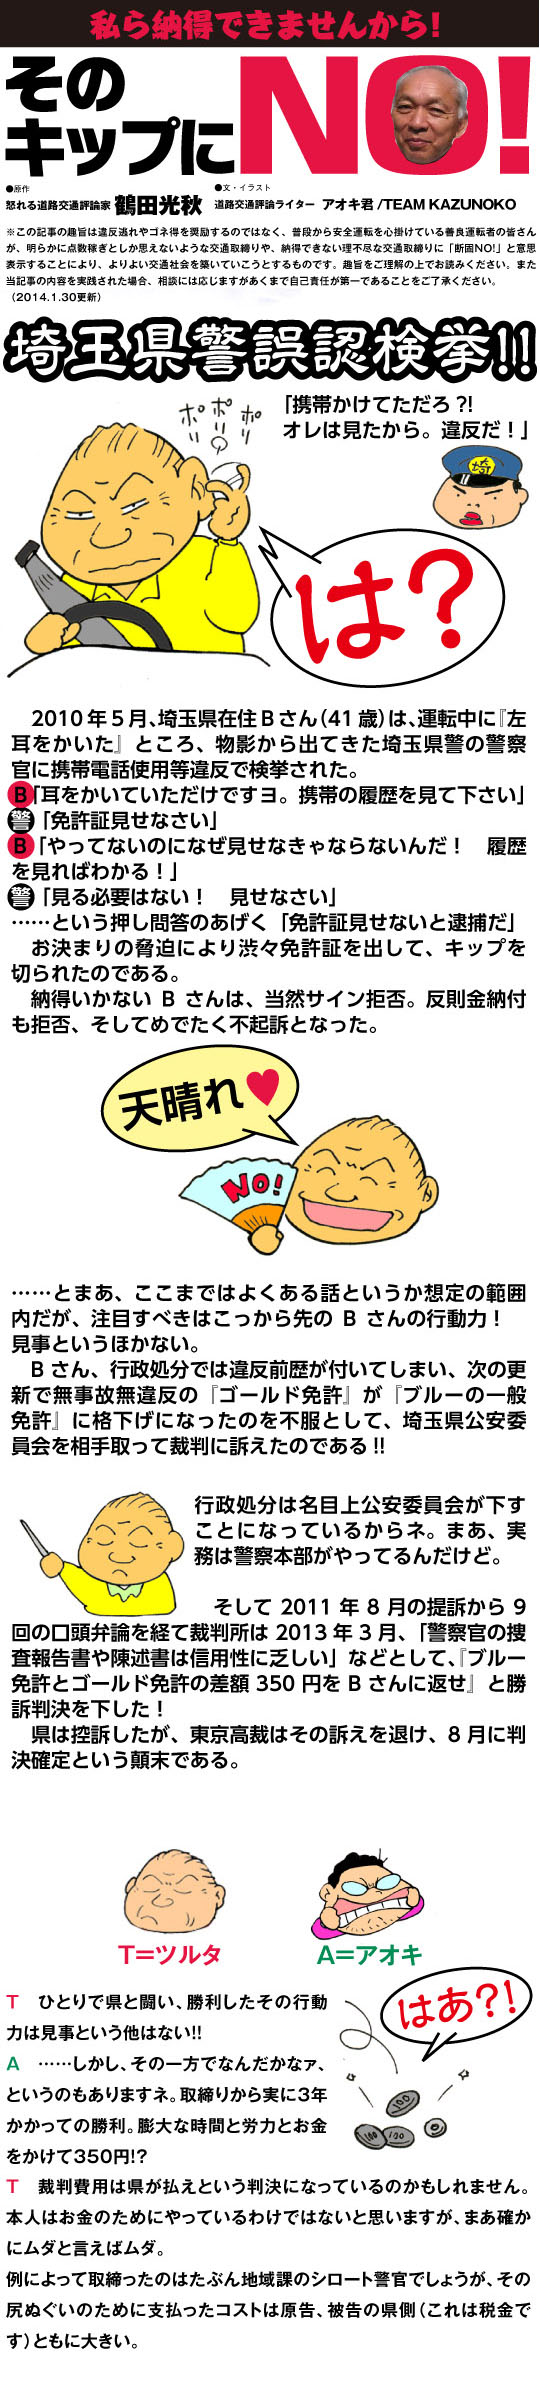 そのキップにNO! 埼玉県警誤認検挙問題&道路交通問題四天王が立ち上がった